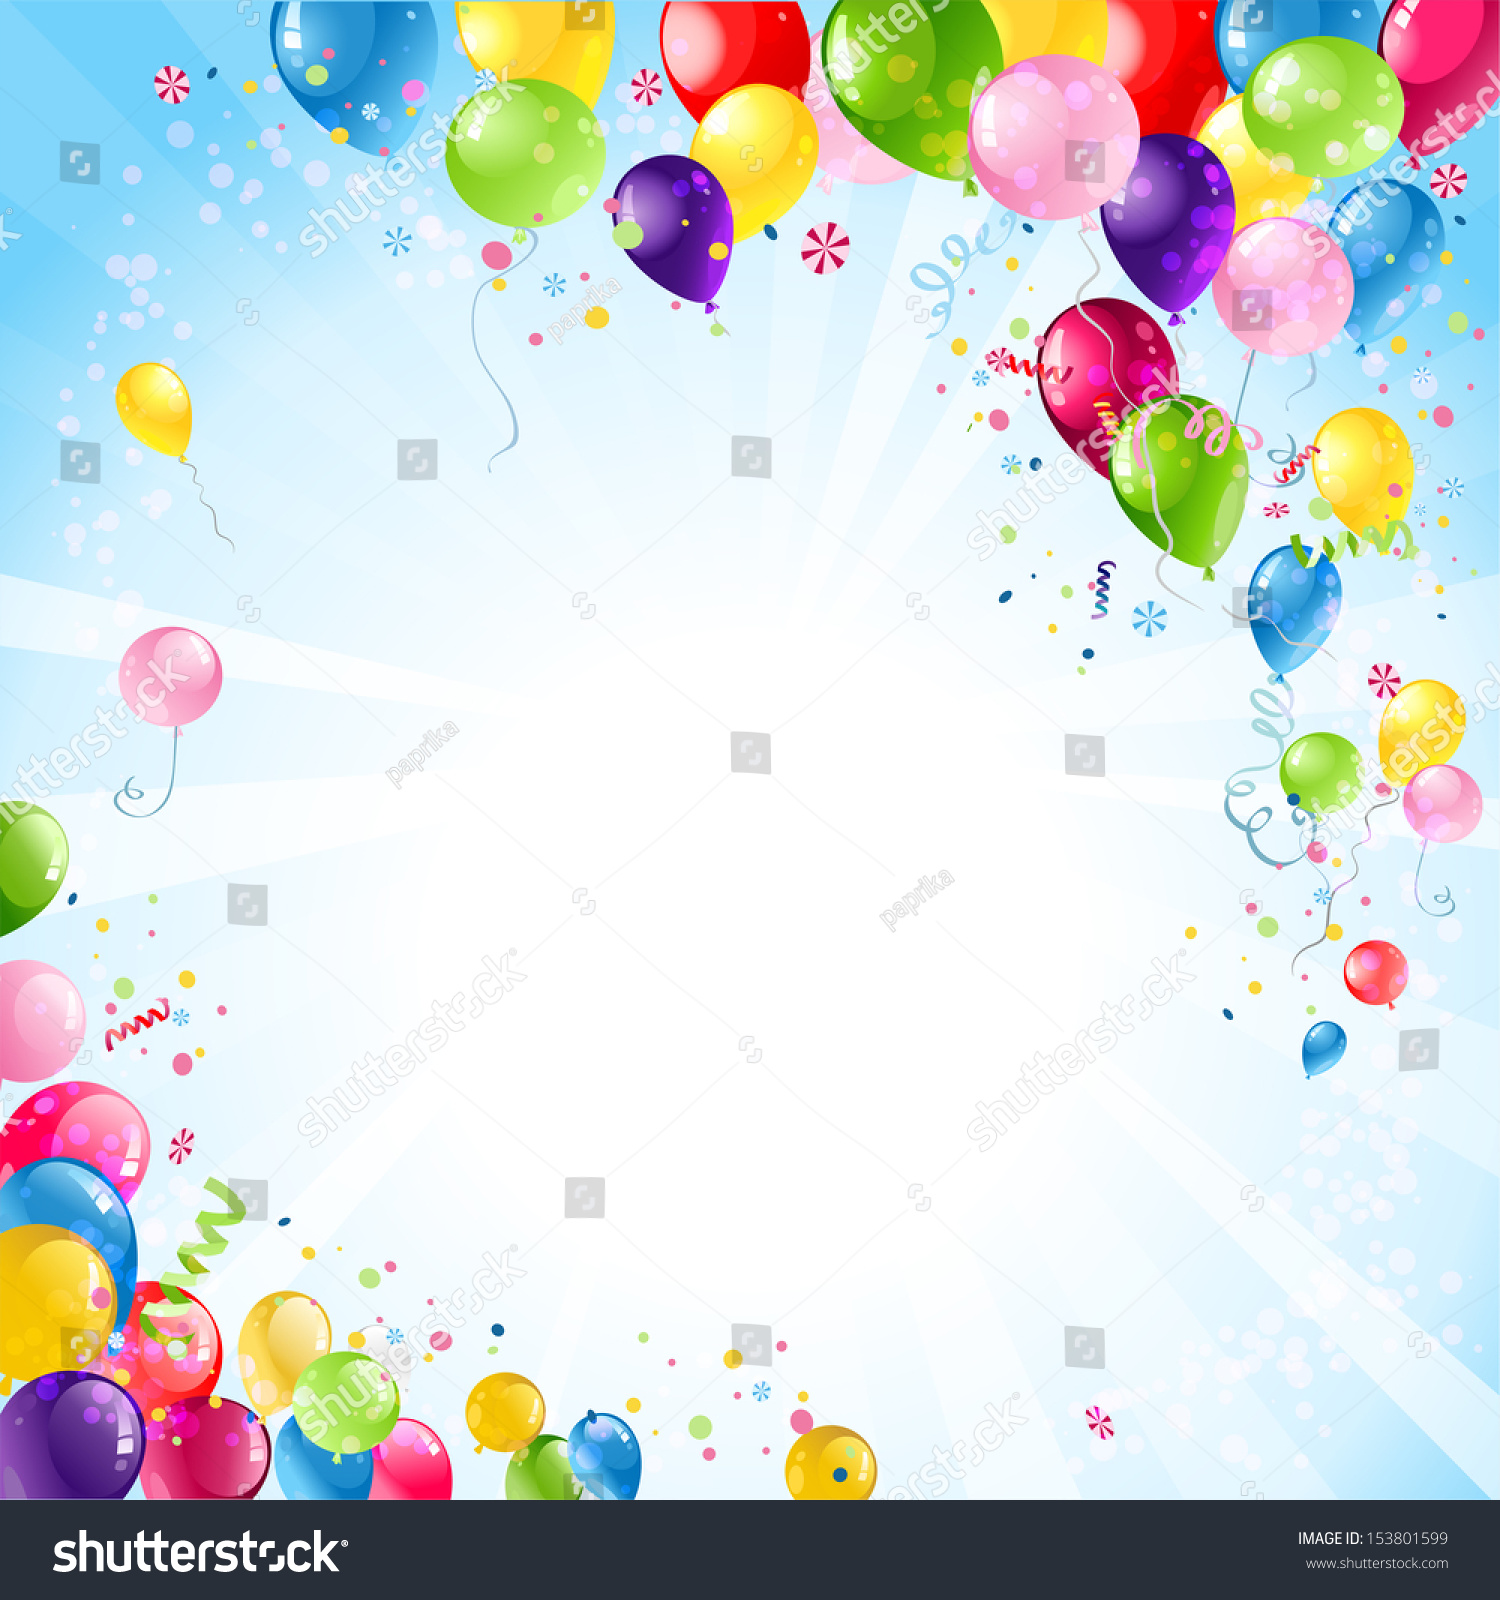 Веселая фоновая музыка для поздравления с днем рождения